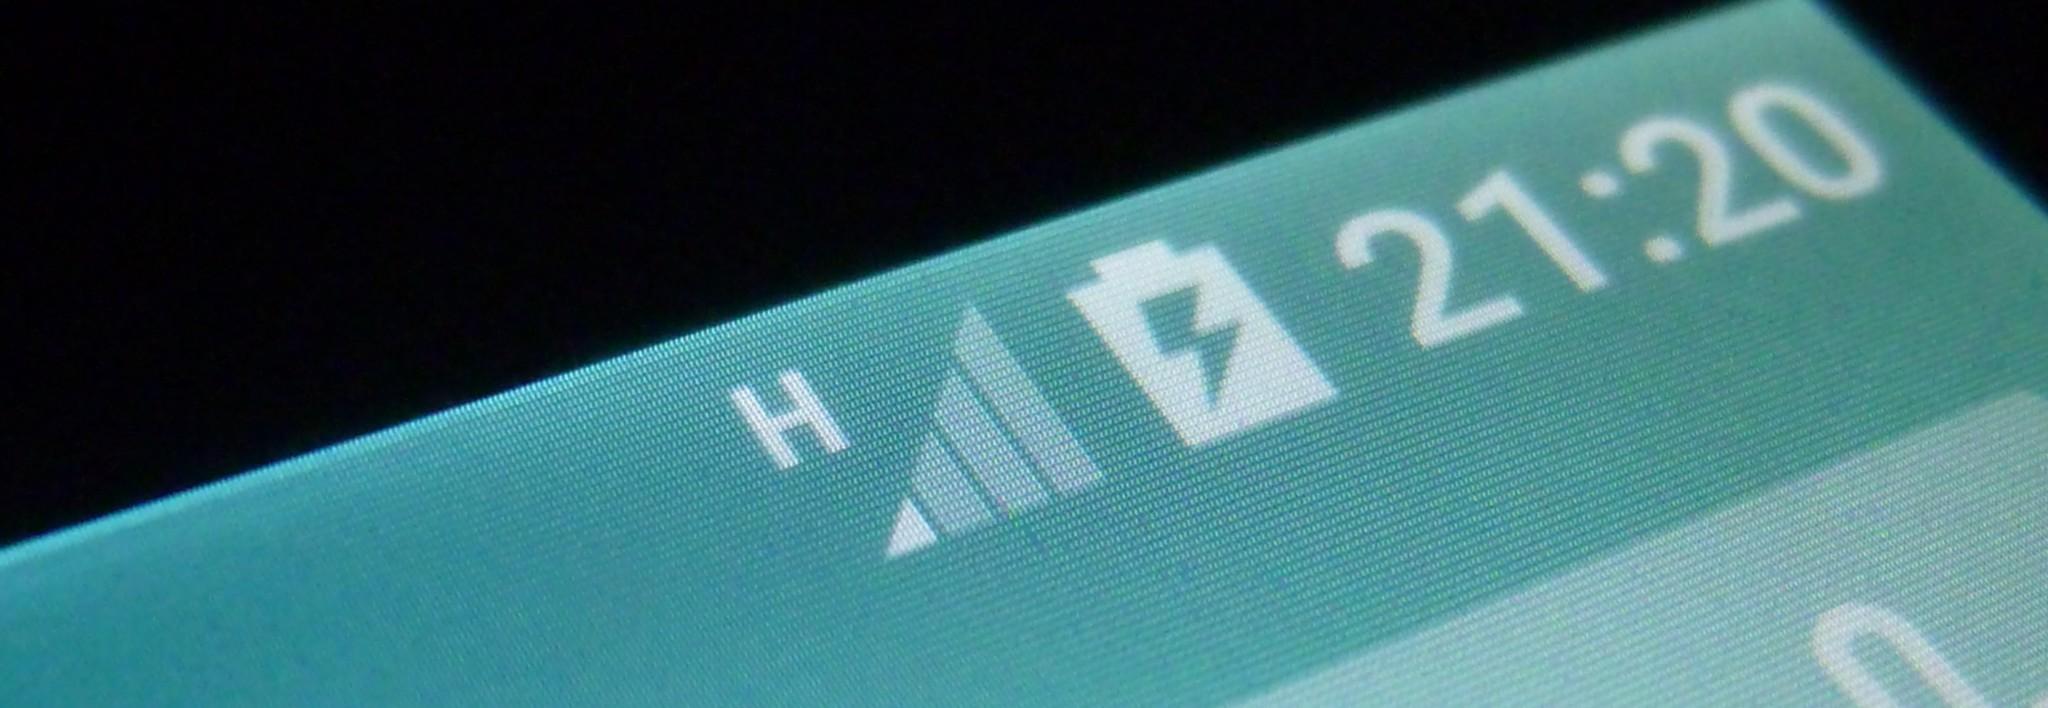 EU – HSPA (3G) je dostupné pro 94,9 % domácností ČR a začíná éra LTE